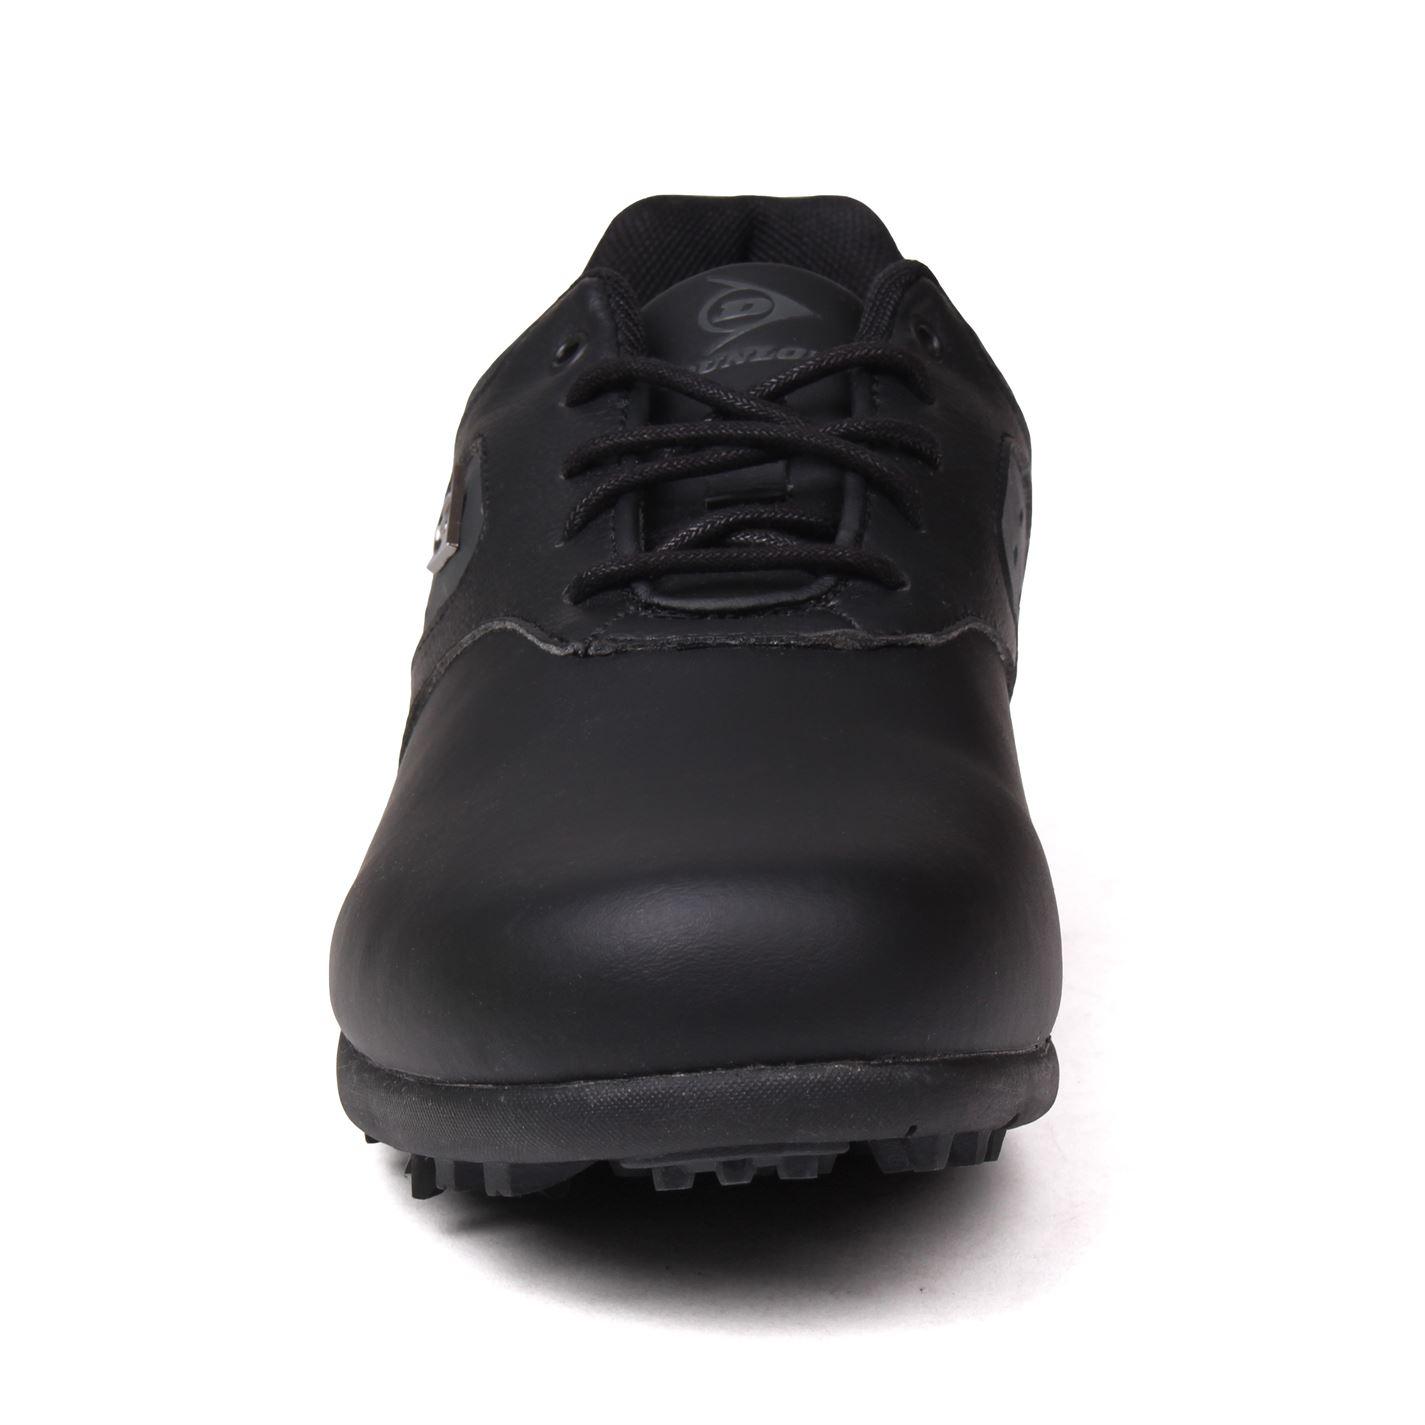 Zapatos de golf Dunlop Negros Clásicos 06